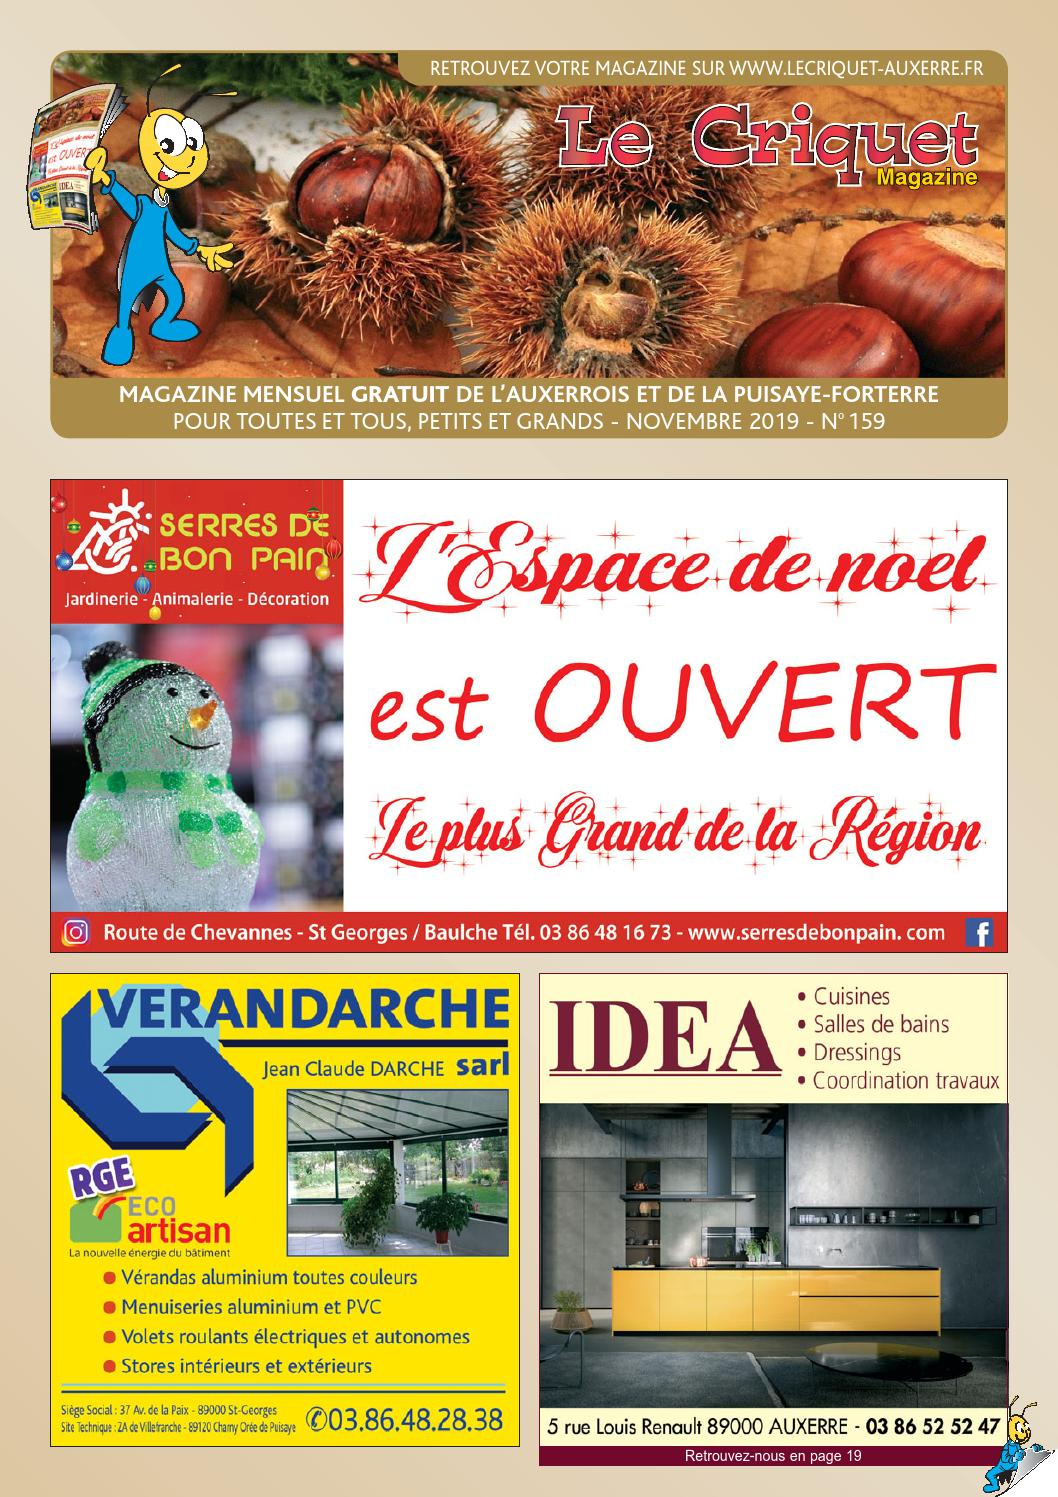 Le Criquet Magazine, Novembre 2019 By Proxilog - Issuu dedans Casse Brique Gratuit En Ligne